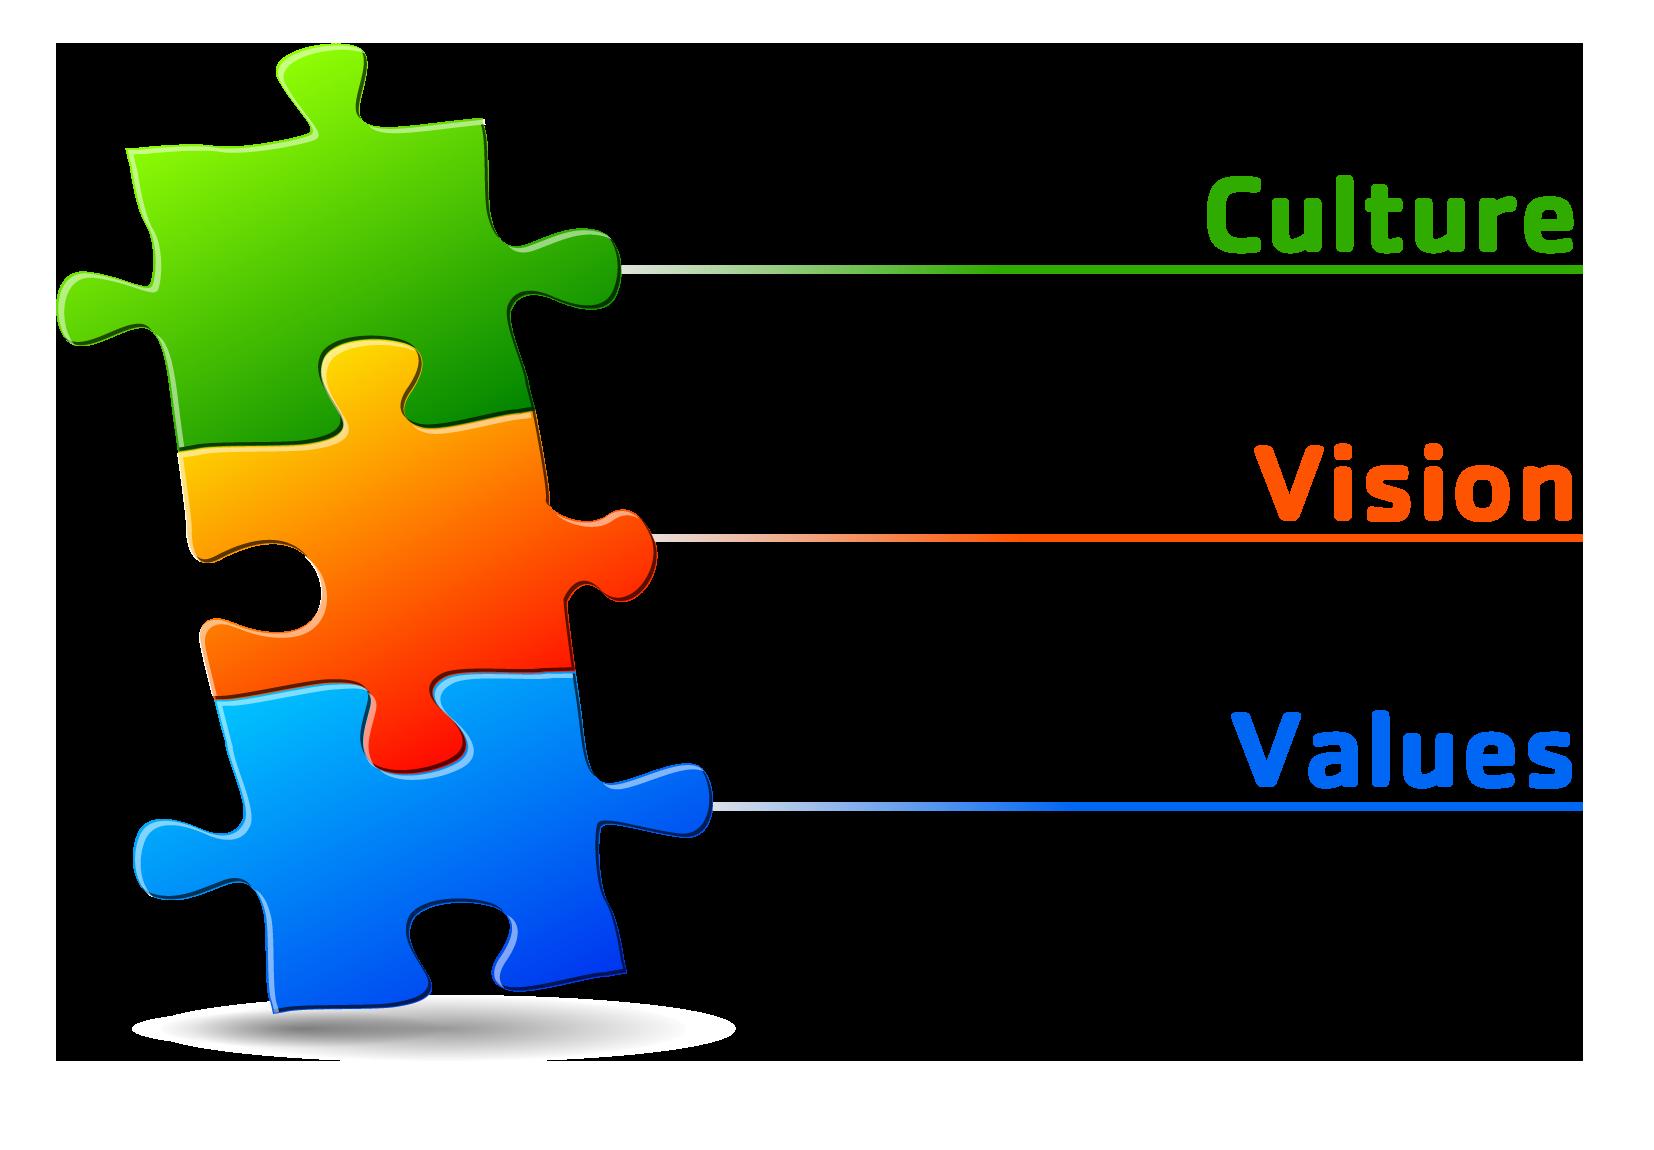 Vision clipart business vision. Company values saito attitude